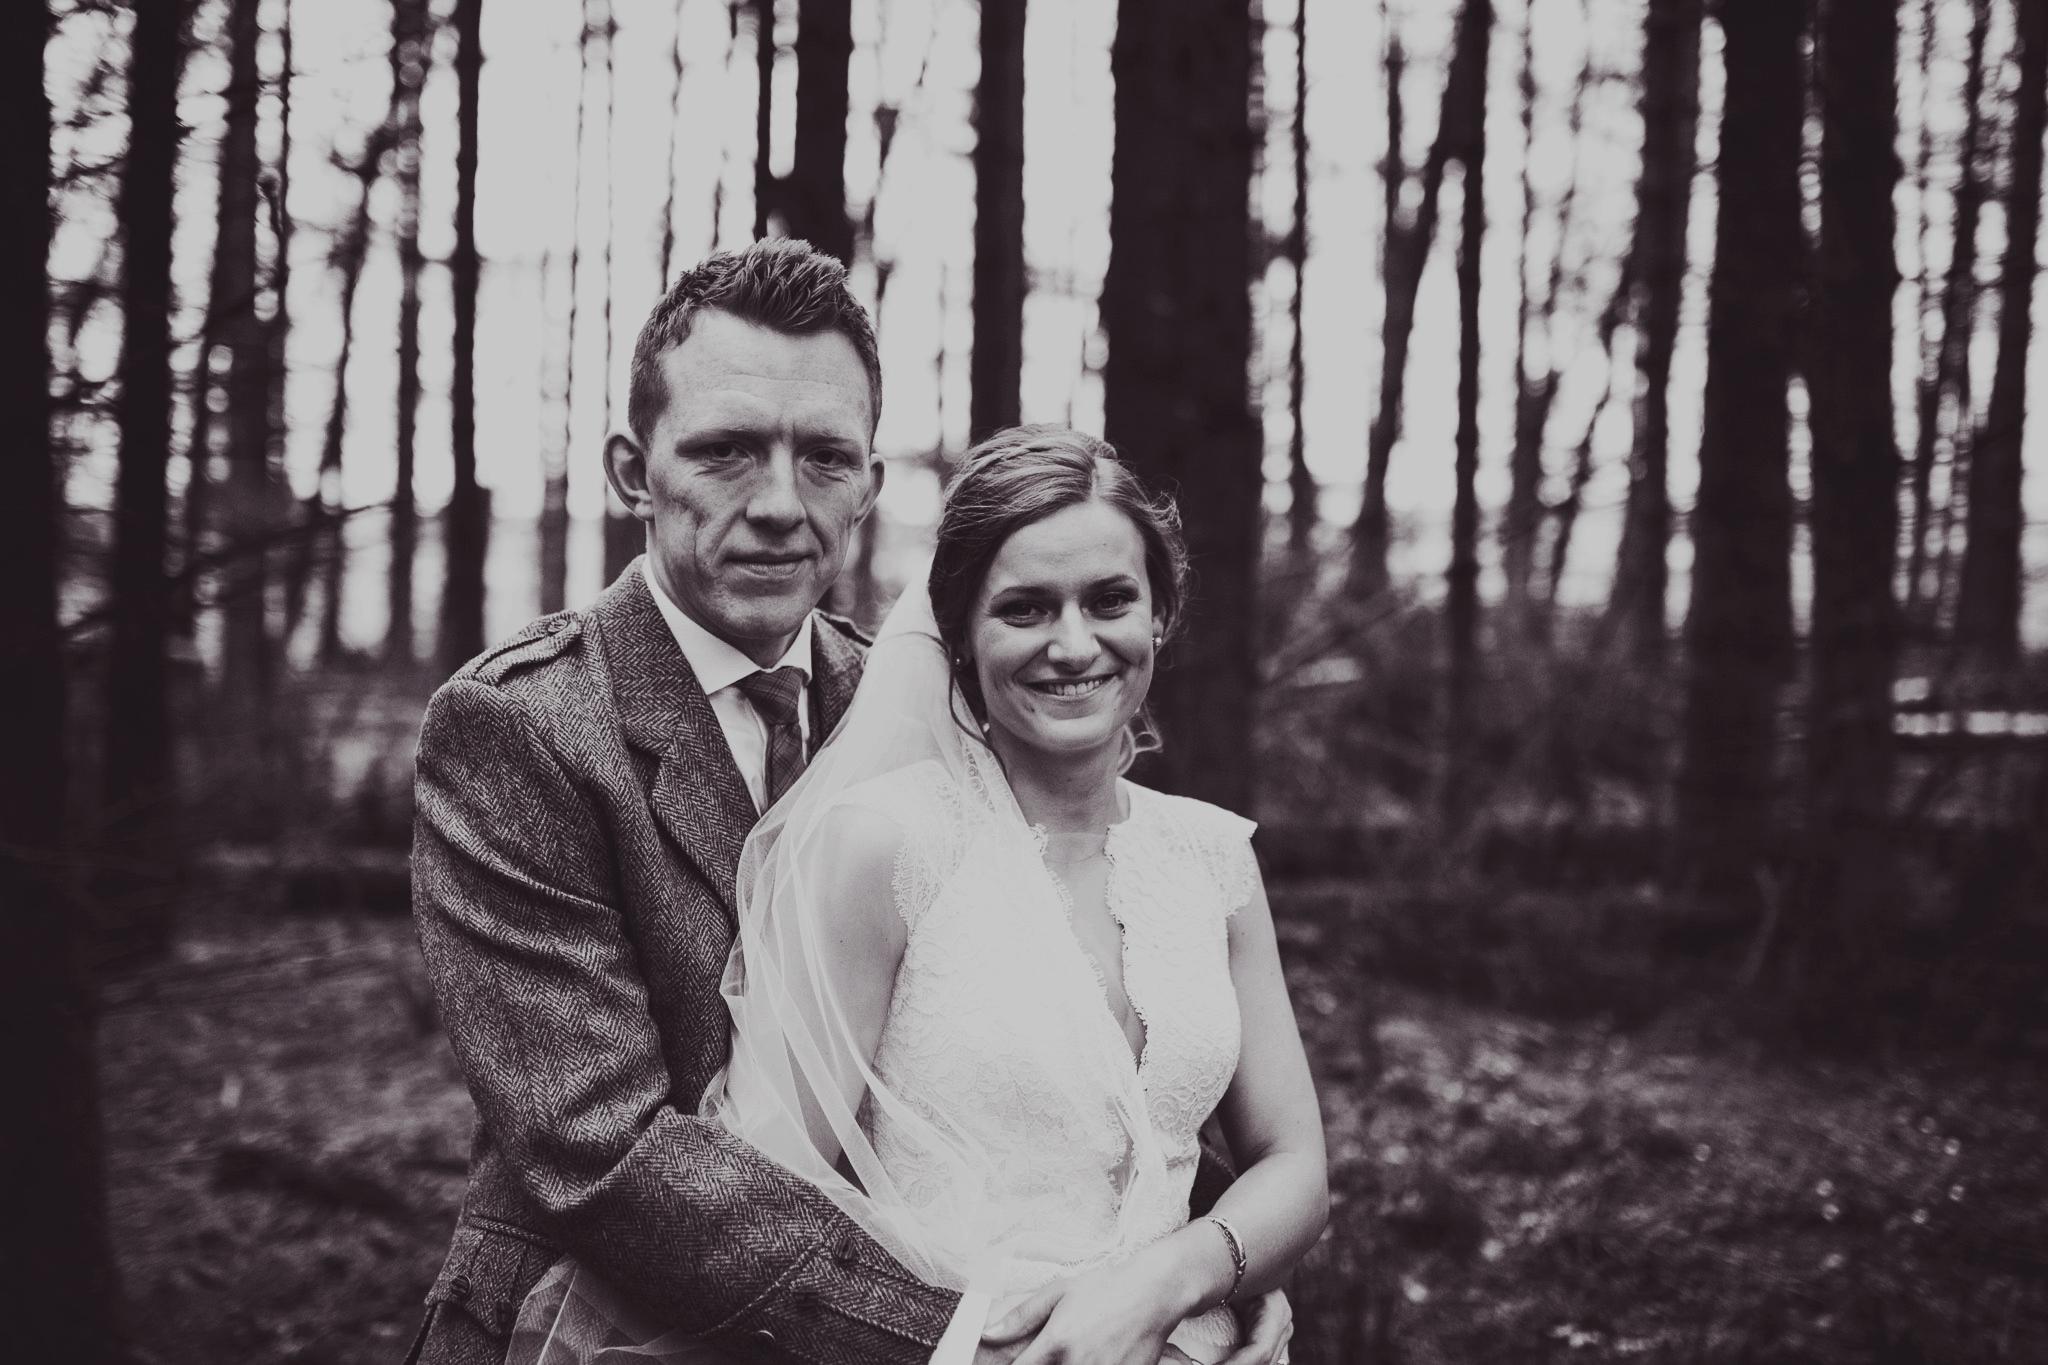 Sarah + Neil // Tullibole Castle, Fife